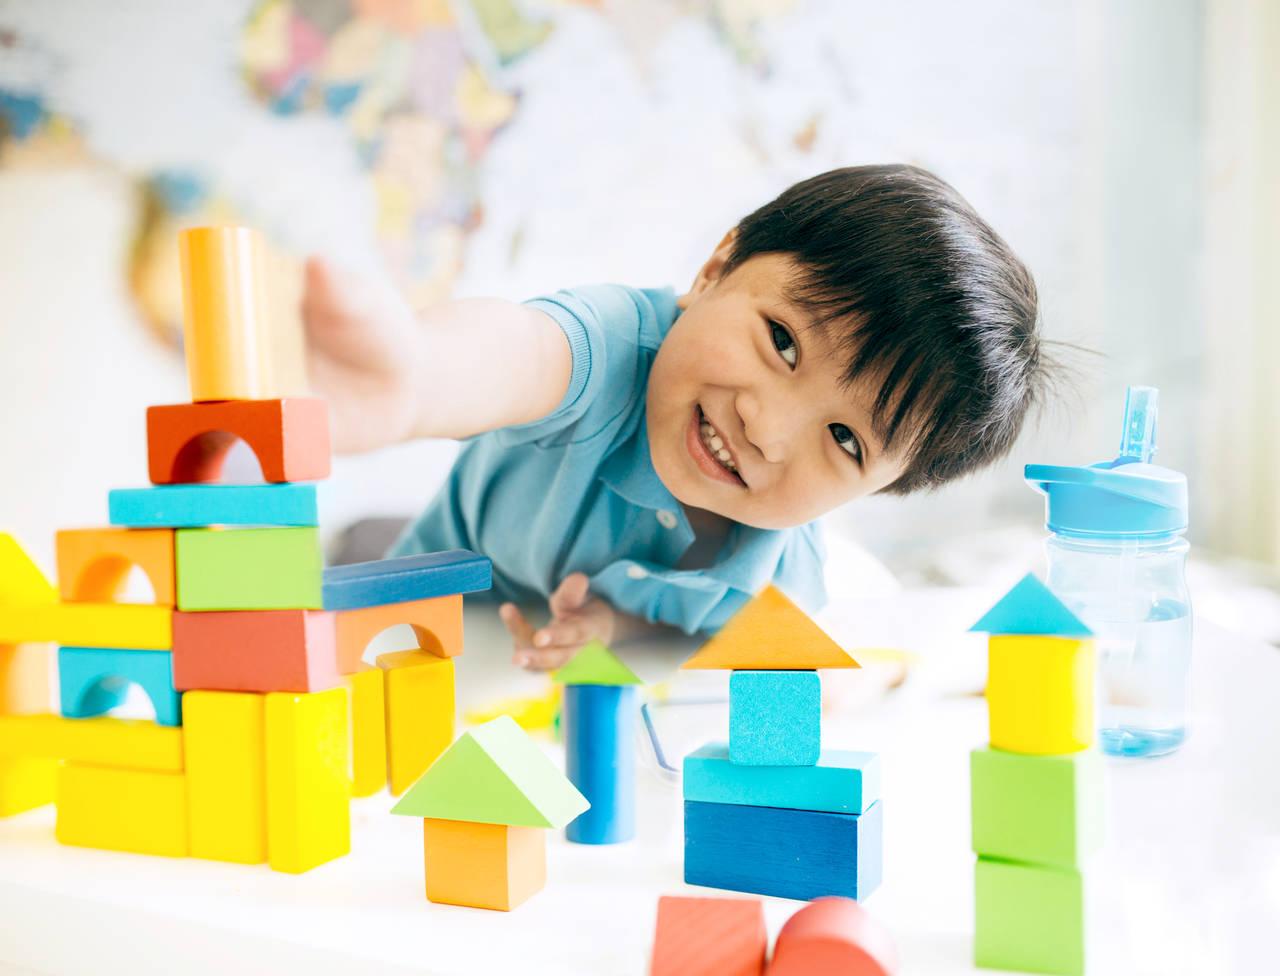 3歳の子育てに必要な教育を知る。早期教育や五感を養う子育て